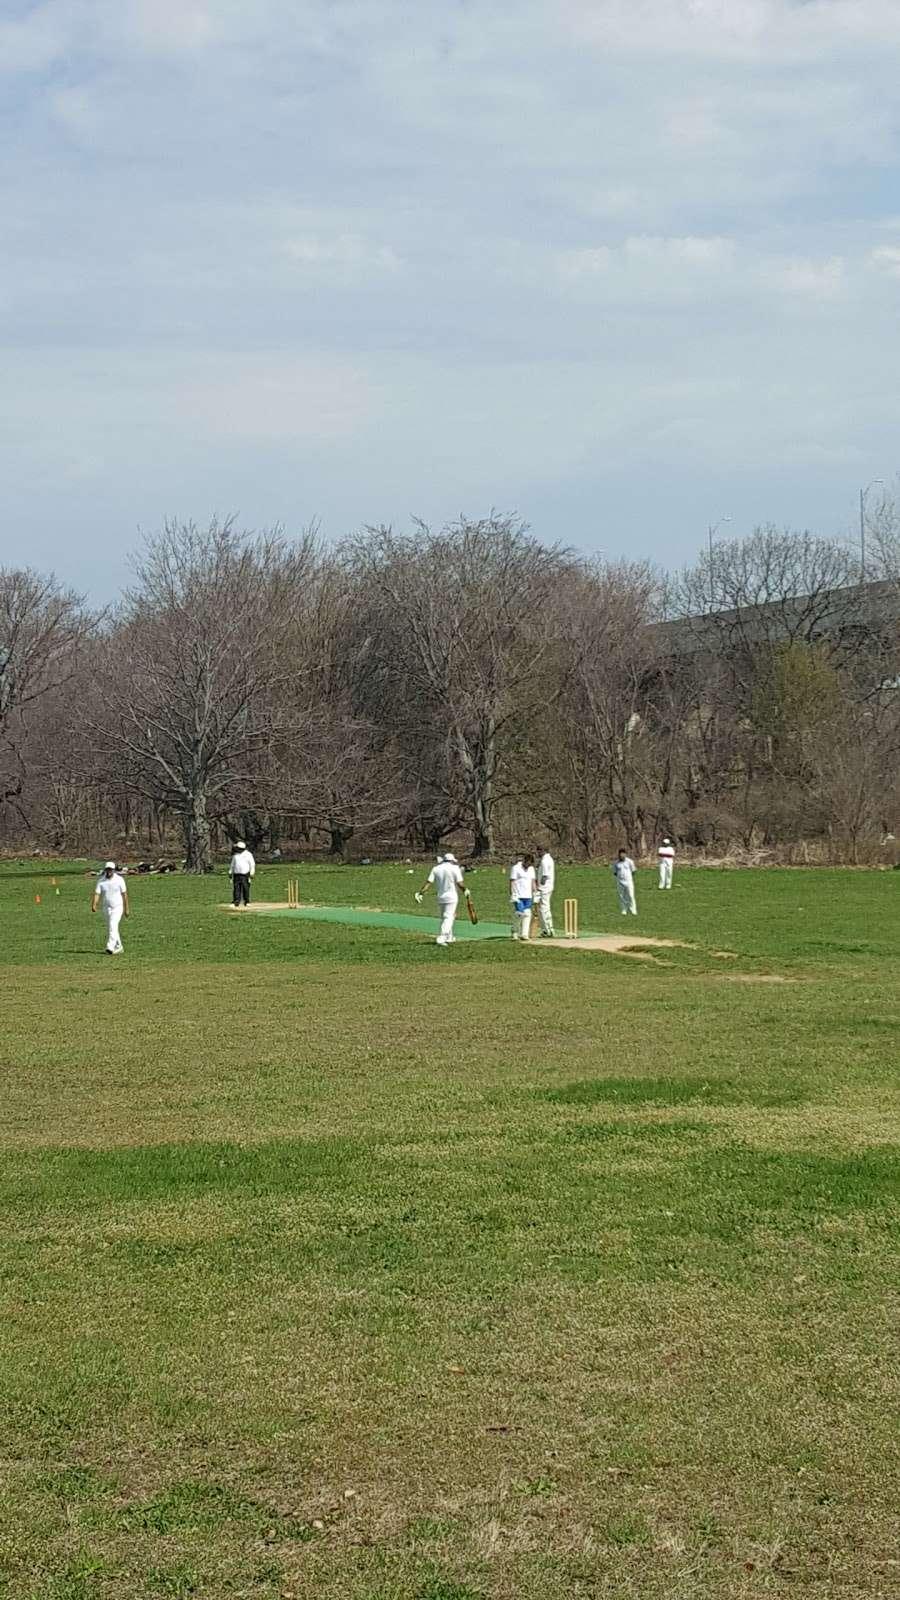 Soundview Park - park  | Photo 10 of 10 | Address: Bronx, NY 10473, USA